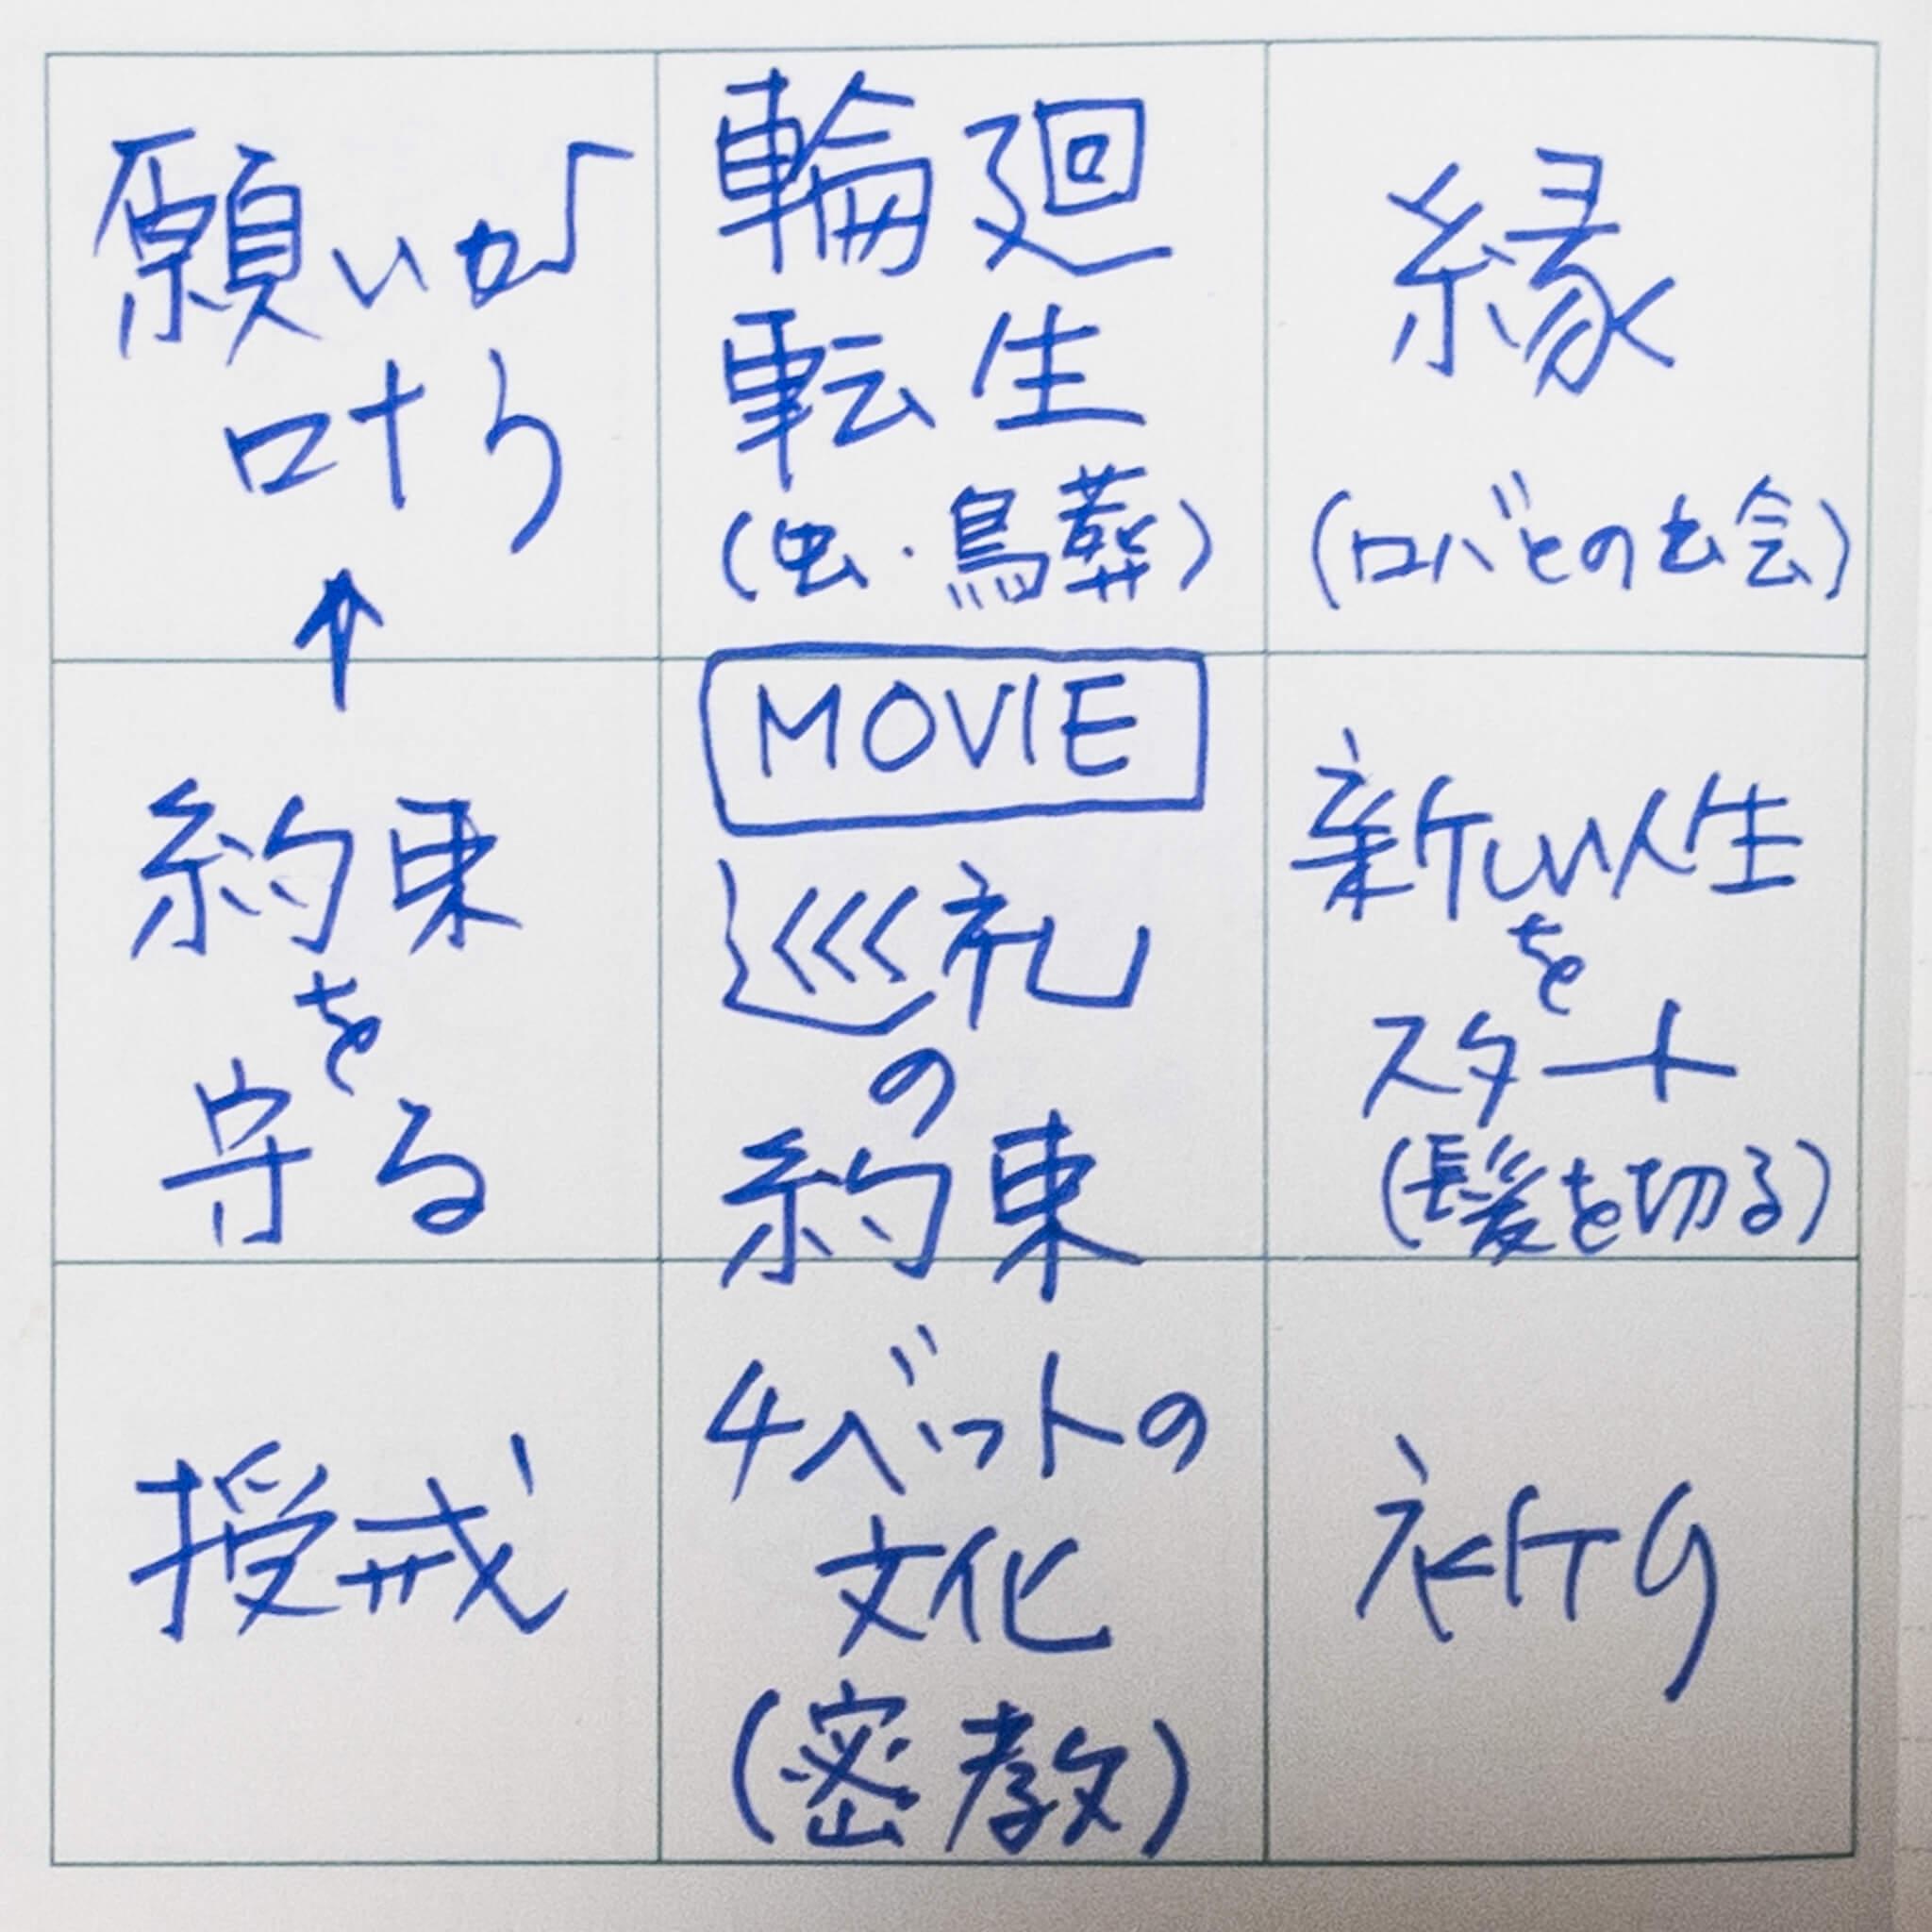 映画『巡礼の約束』を観ました。